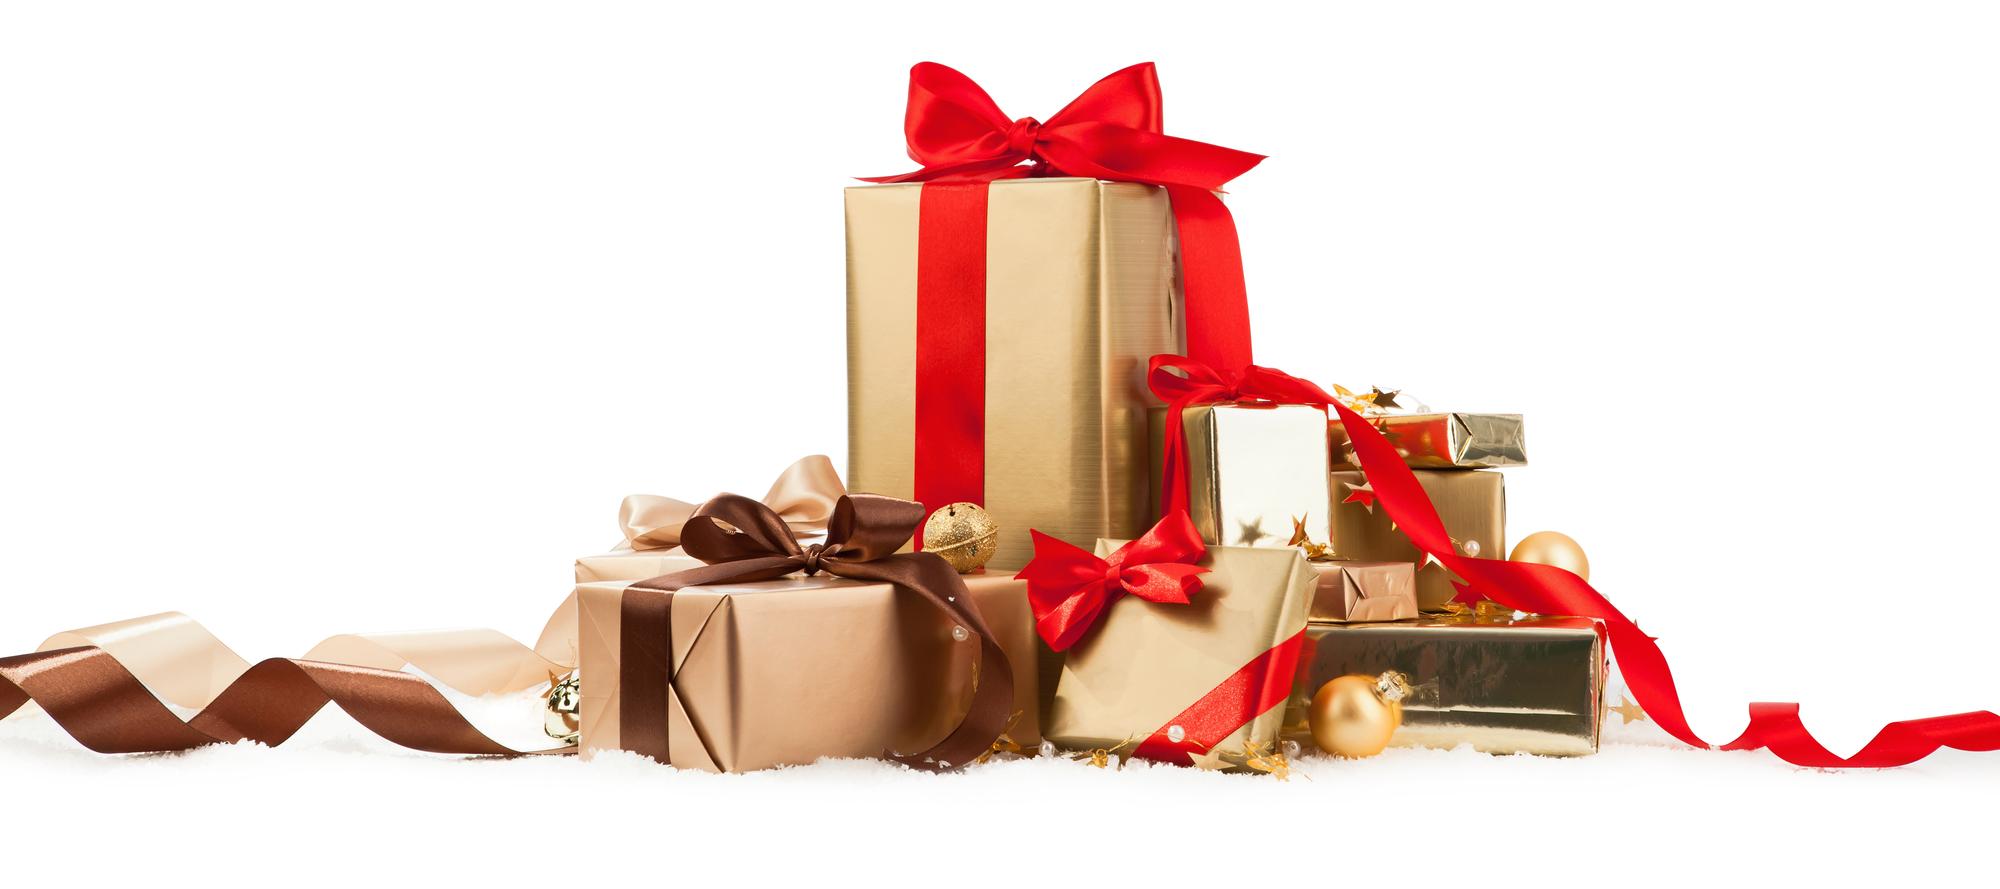 4 Reasons to Use a UPS Shipping Center This Holiday Season ...